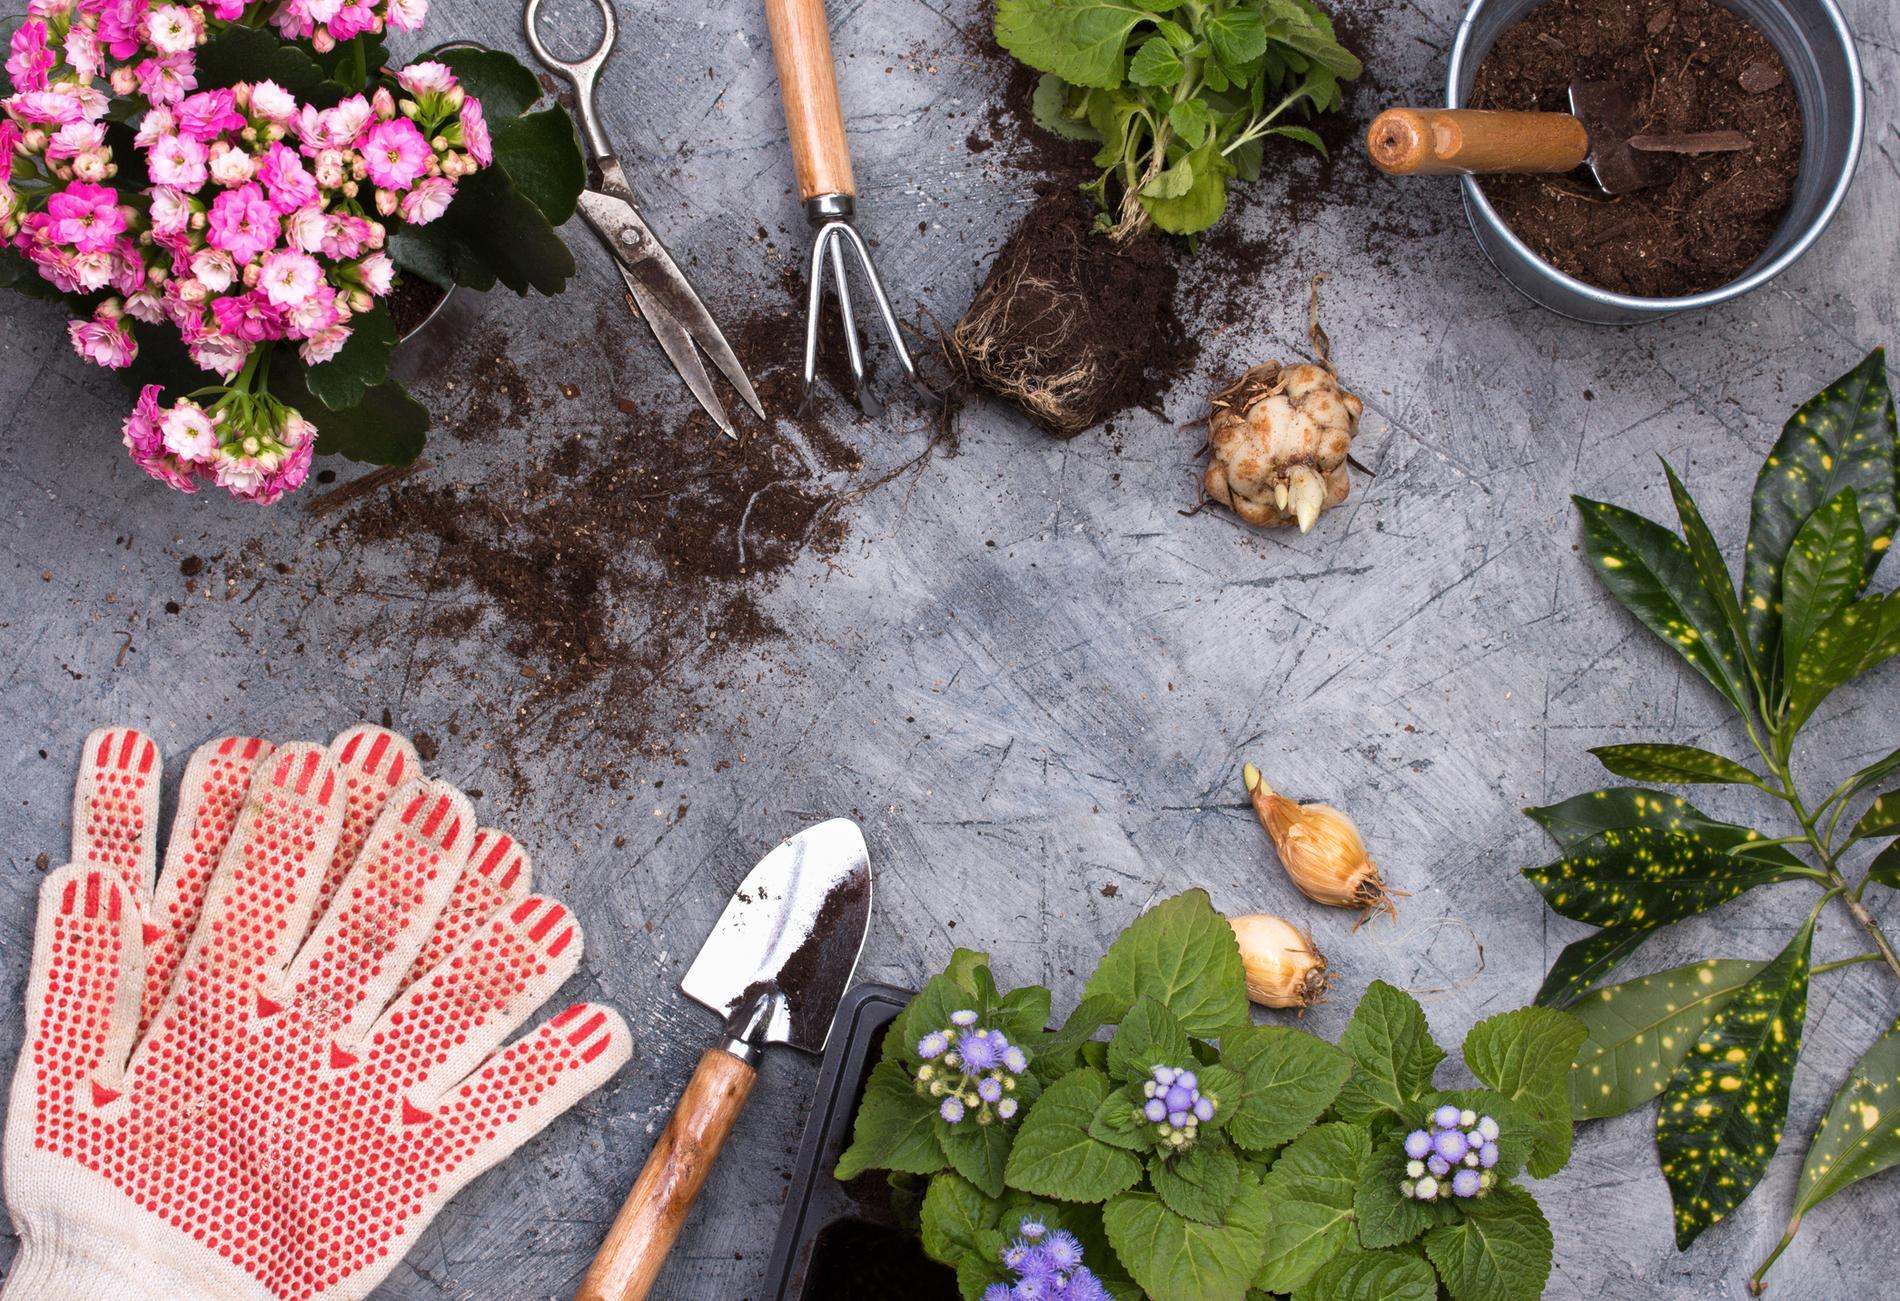 Gör i ordning en plats för dina planteringsprojekt.